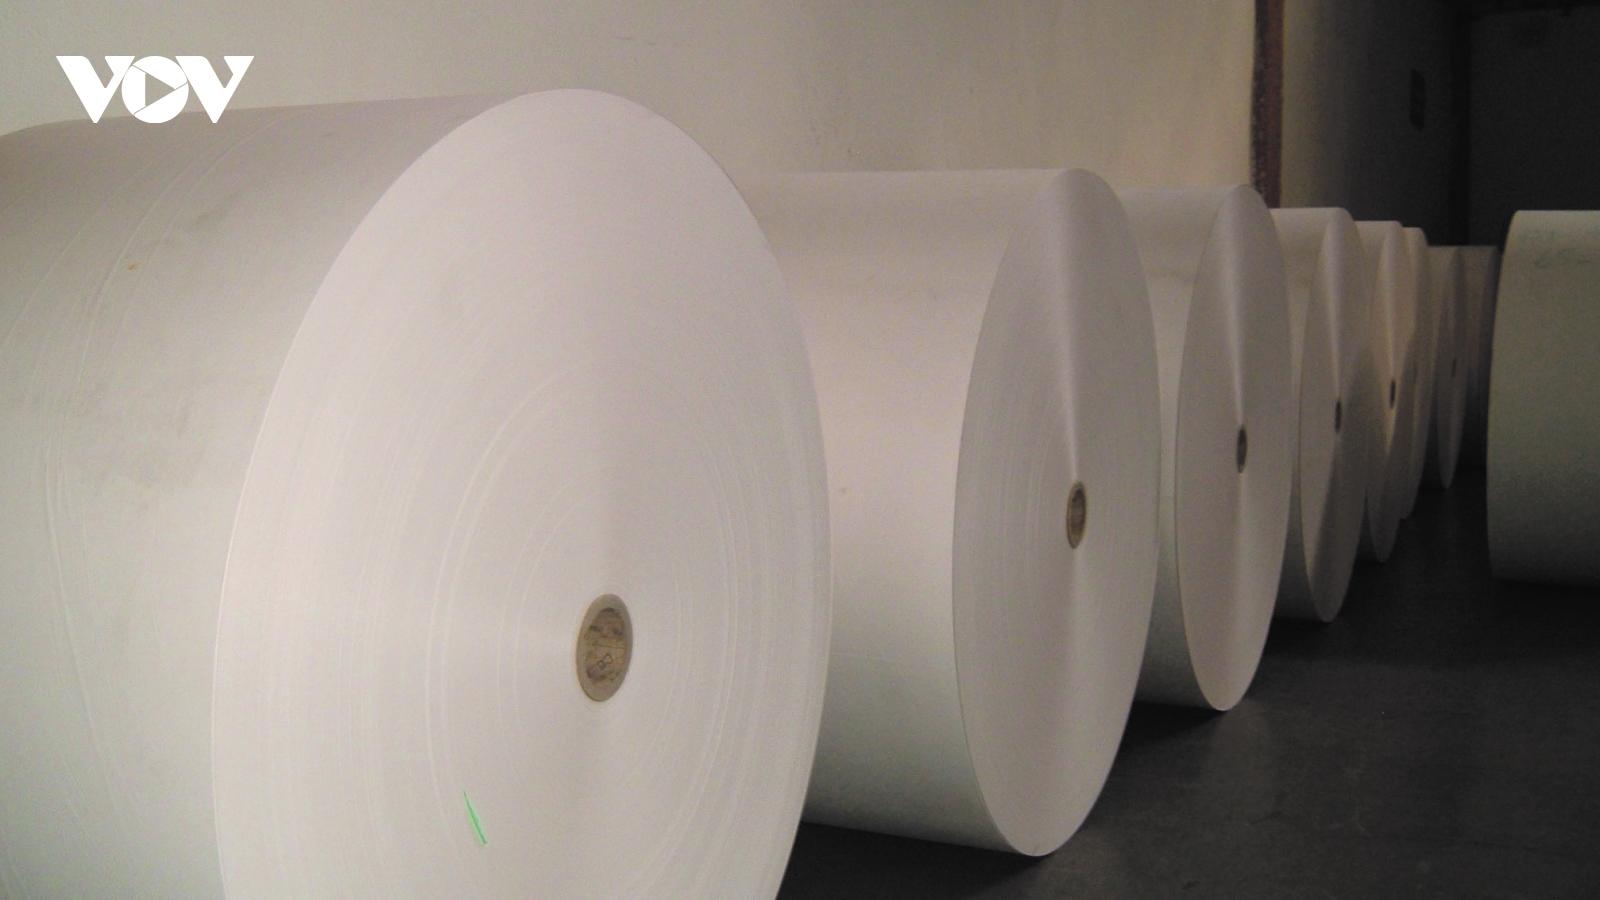 Séc phát triển thành công loại giấy có khả năng tiêu diệt virus gây bệnh